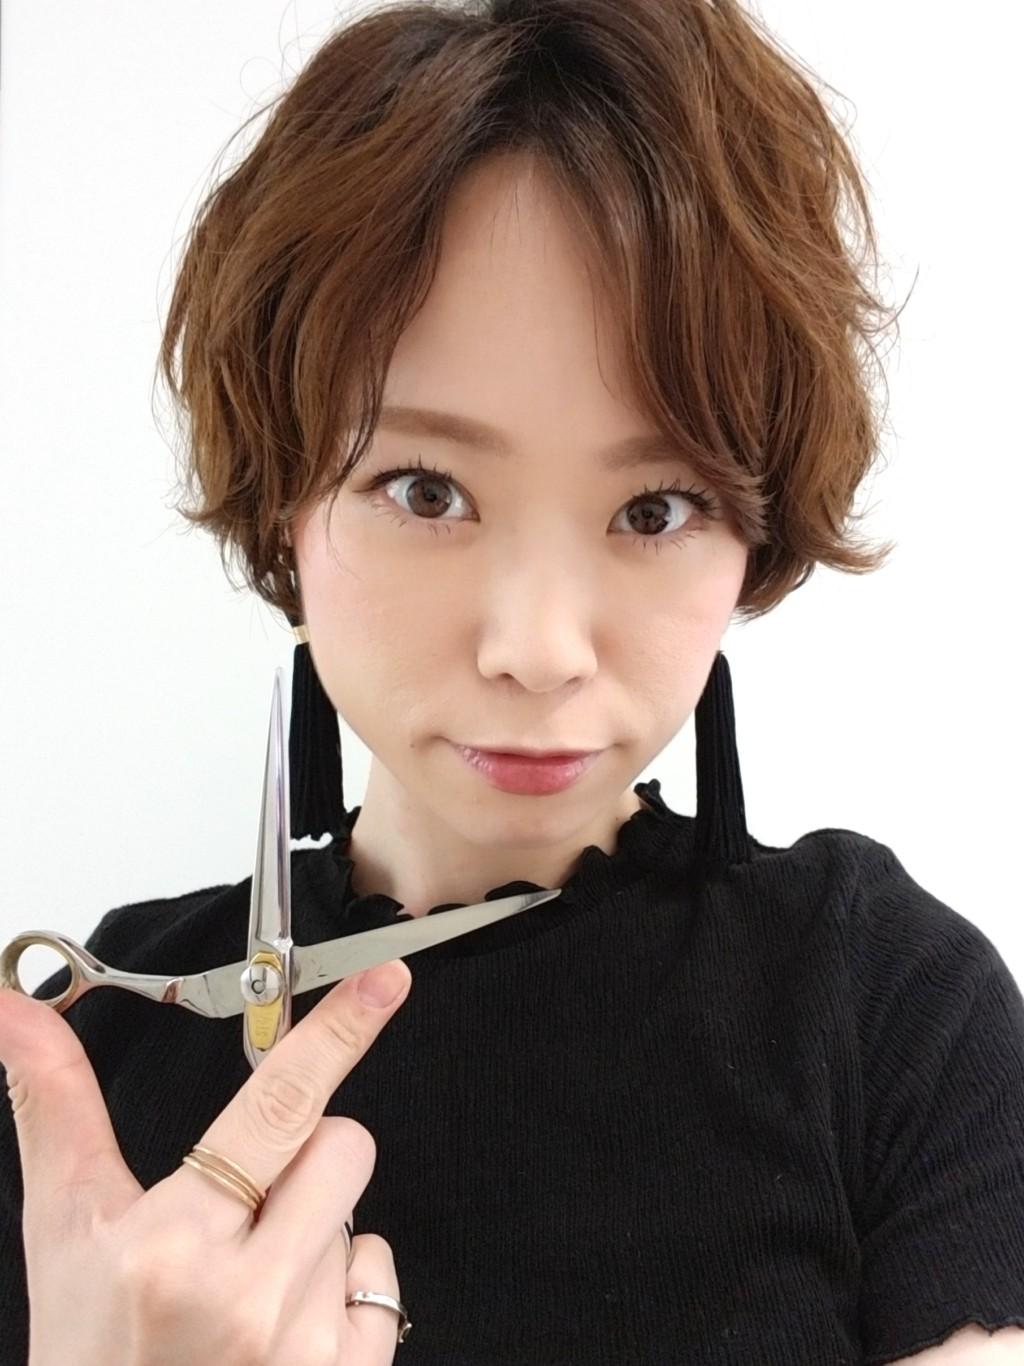 タナカアミがフリーランス美容師という選択をした理由。